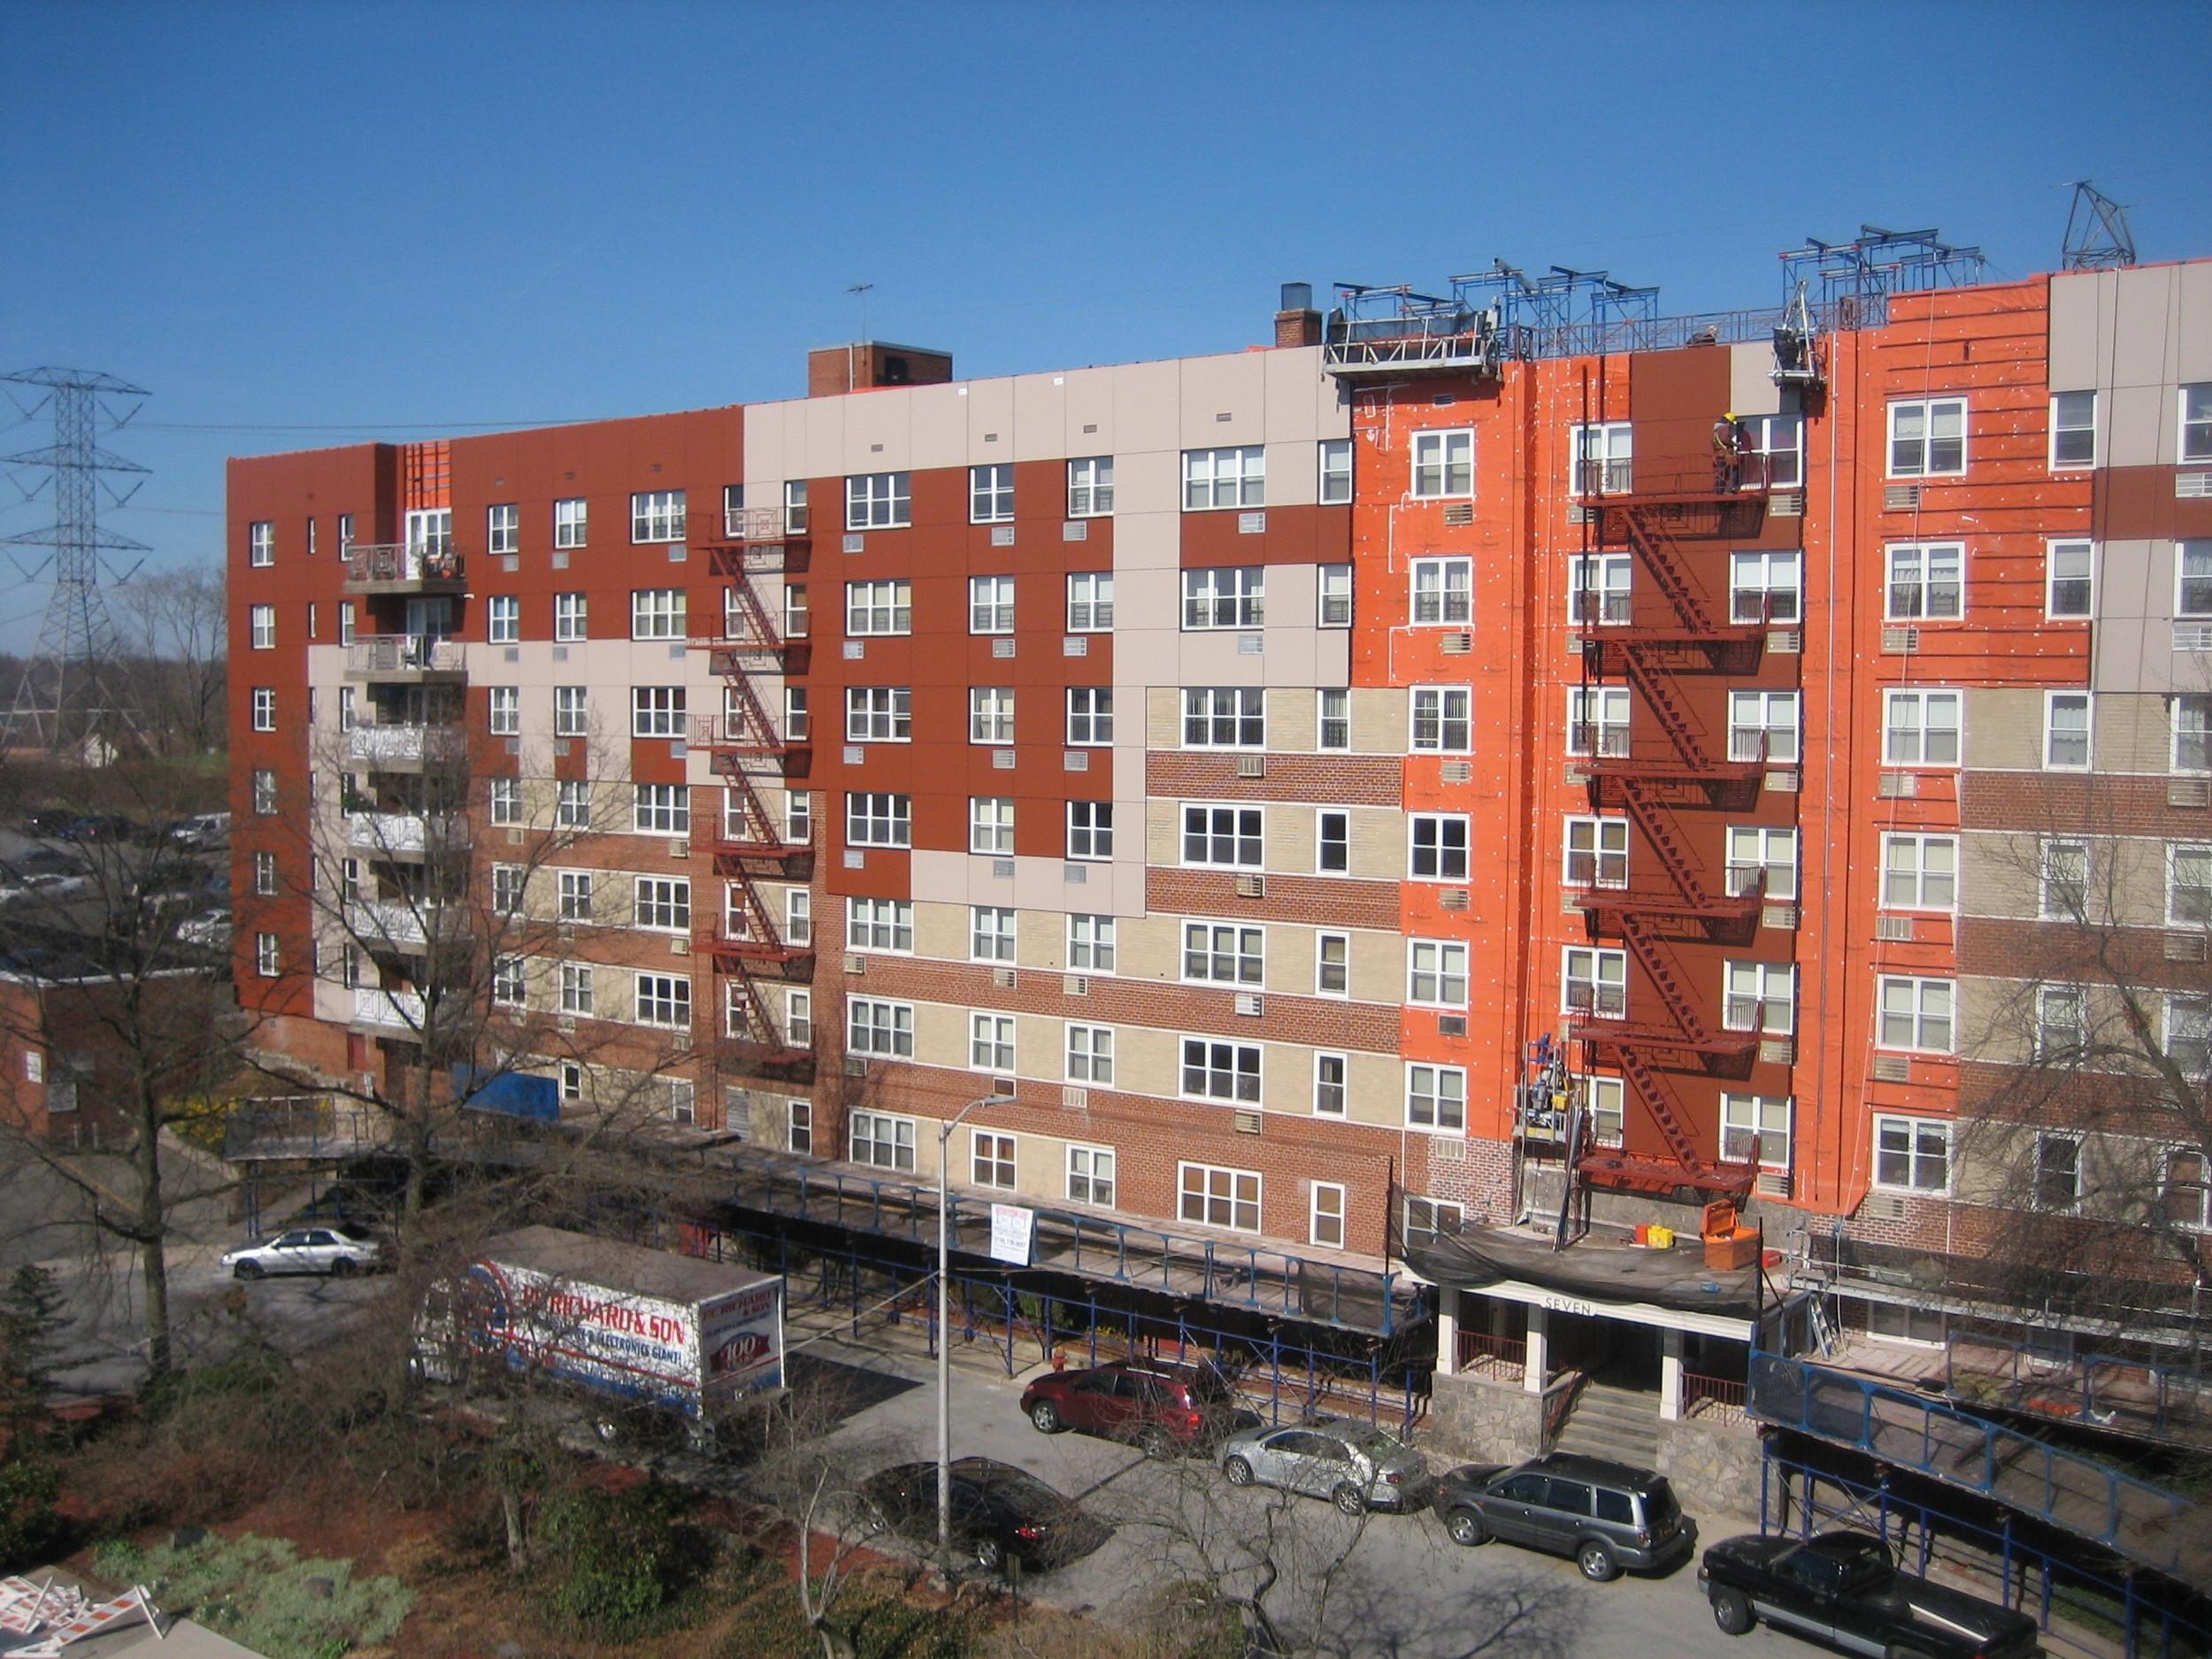 Balint Drive Apartments, Yonkers NY